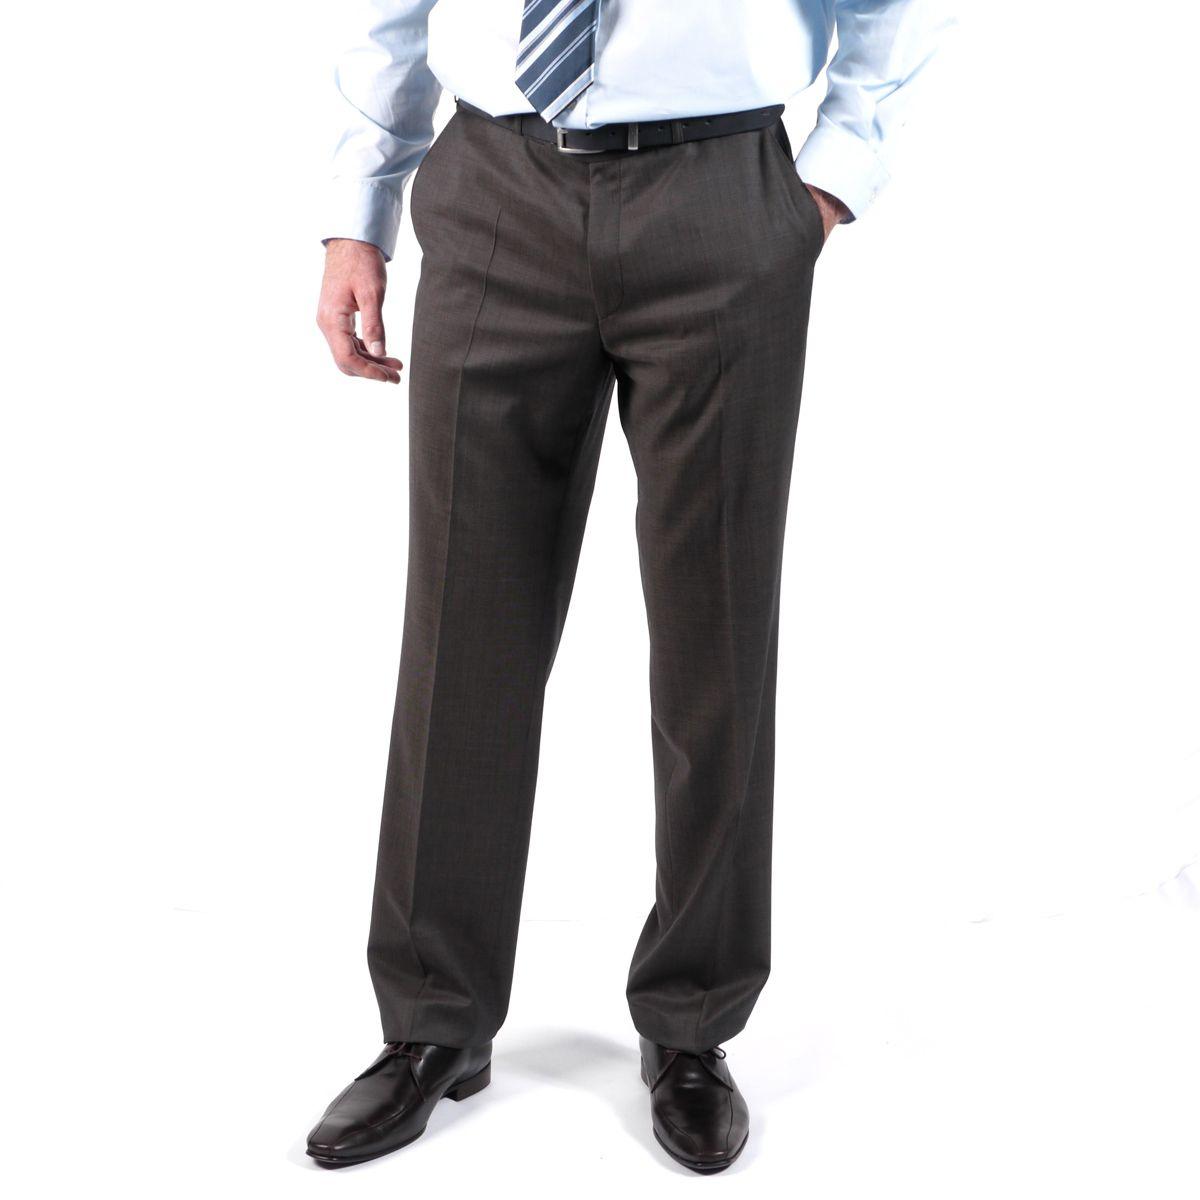 acheter pantalon de costume pas cher avec comparacile pantalon homme. Black Bedroom Furniture Sets. Home Design Ideas